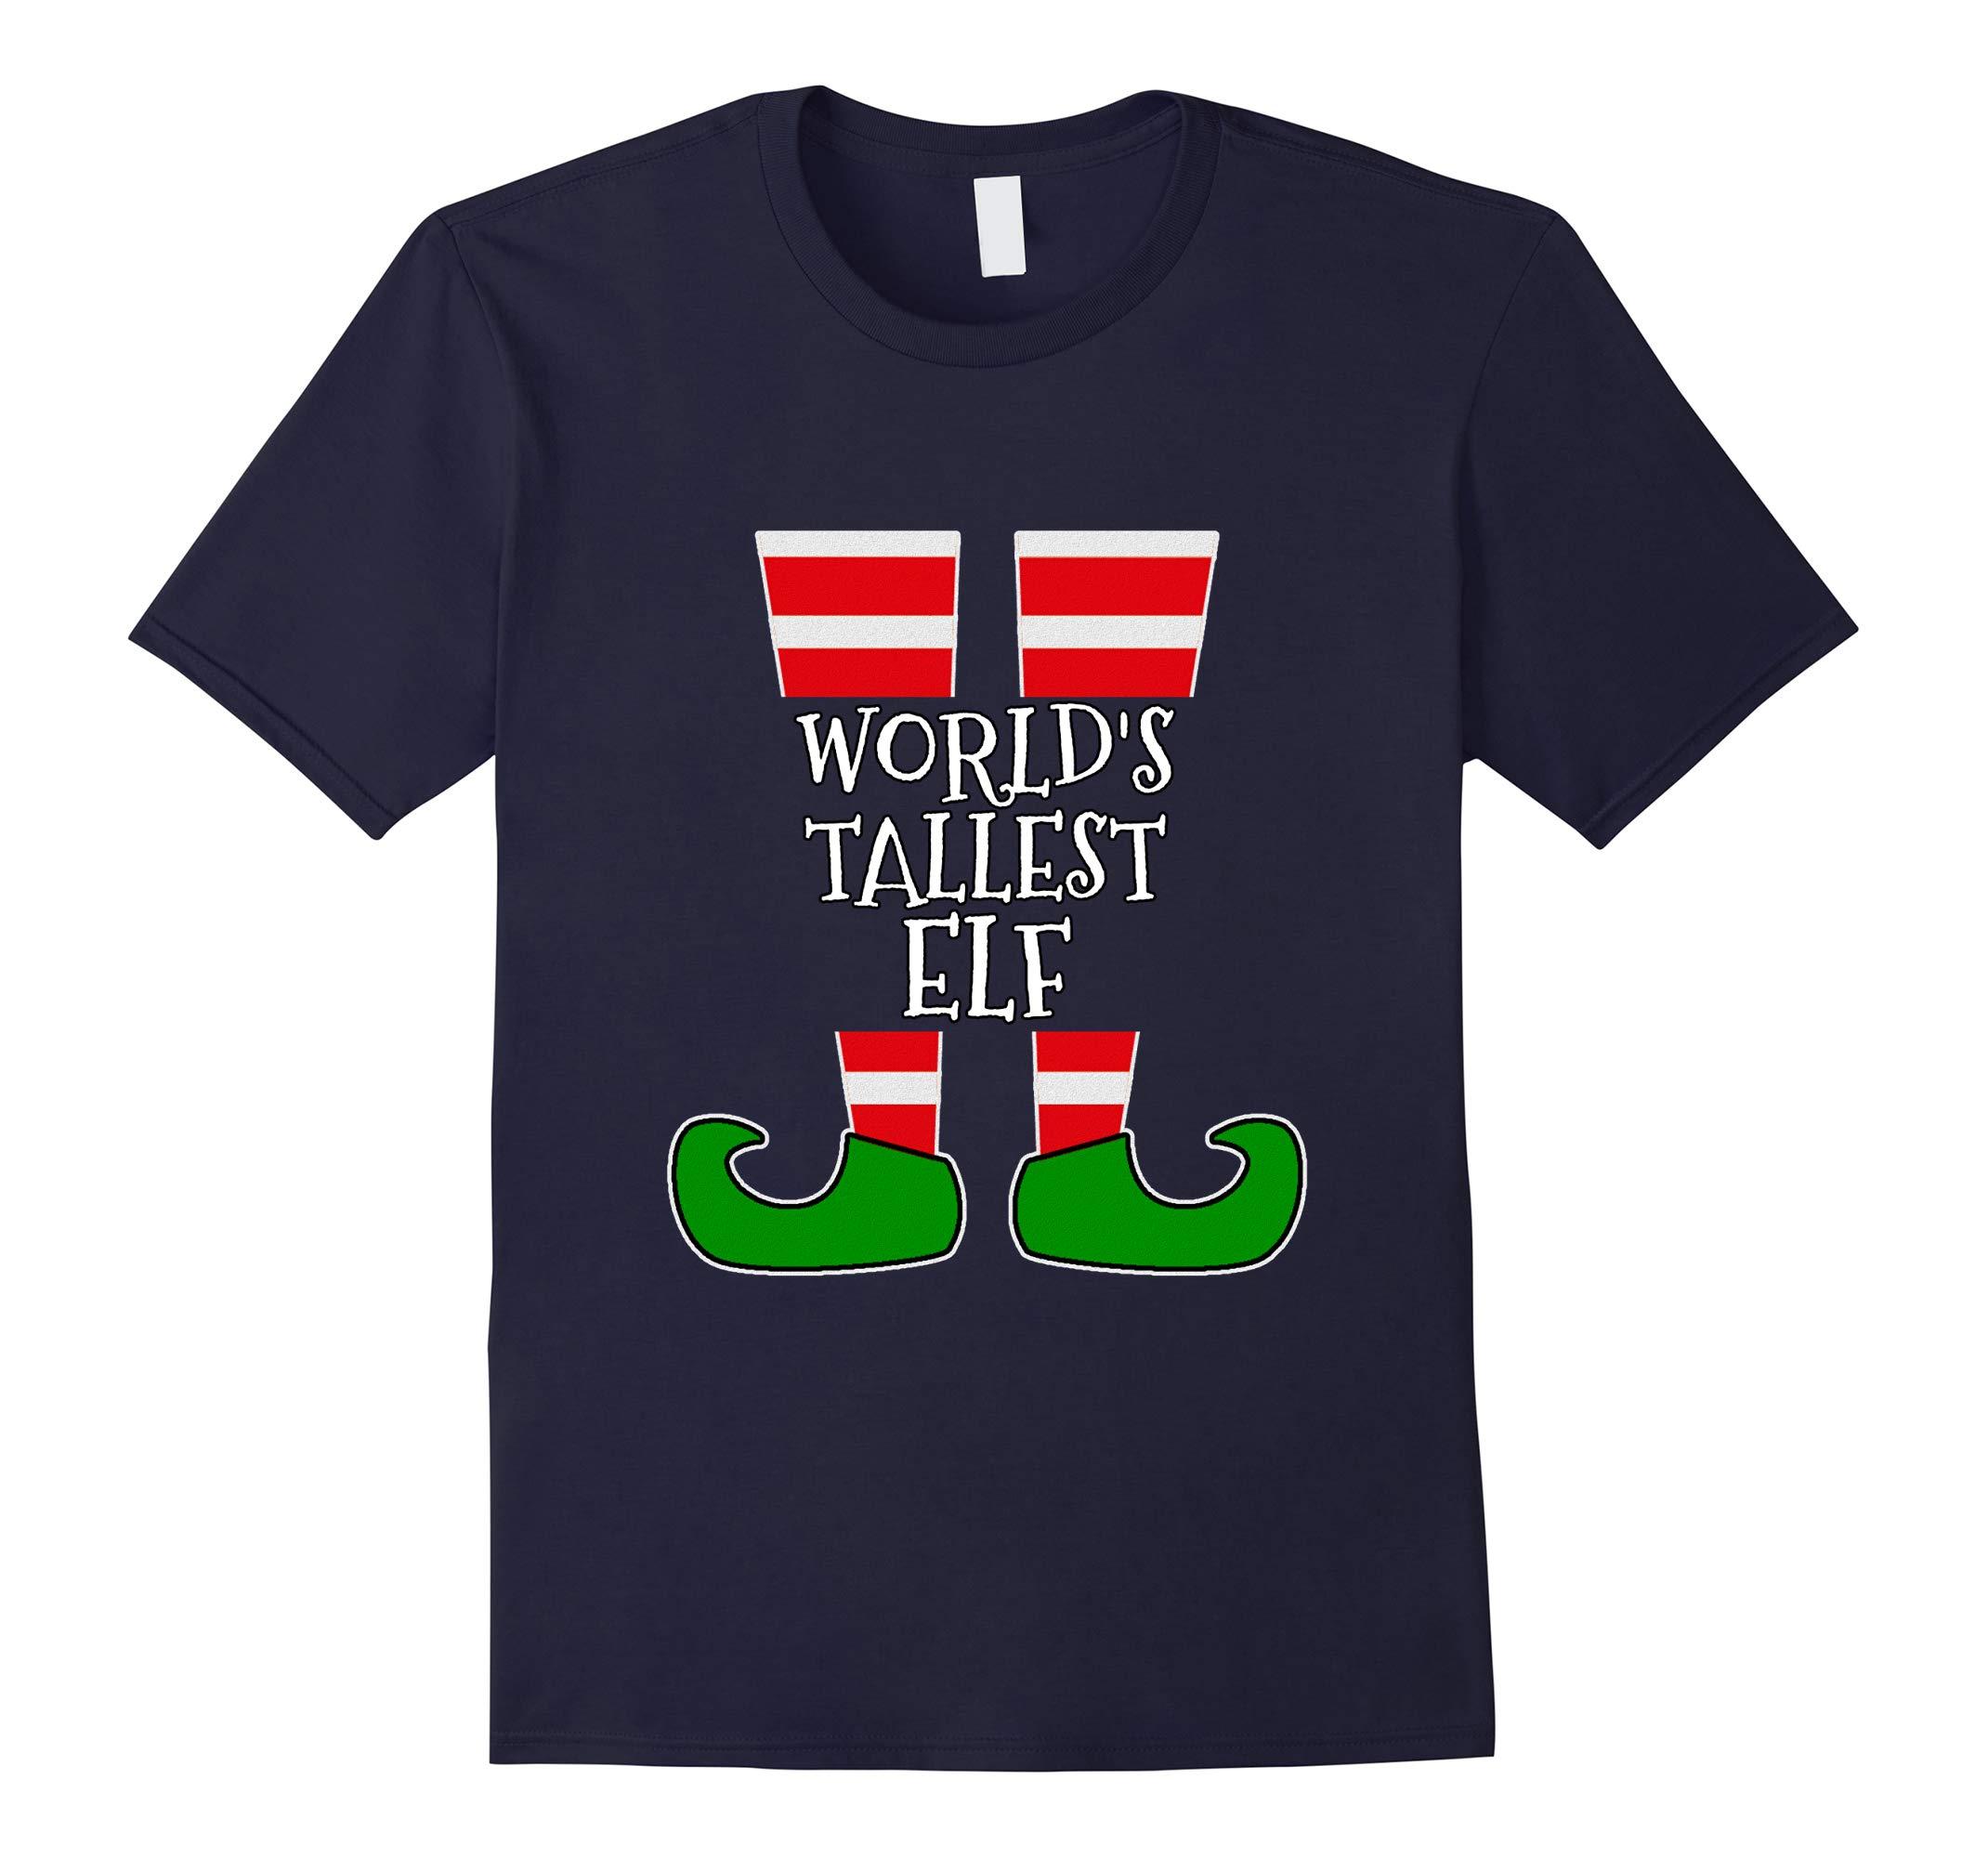 WORLD'S TALLEST ELF T-Shirt Funny Christmas Elf Shirt Gift-RT